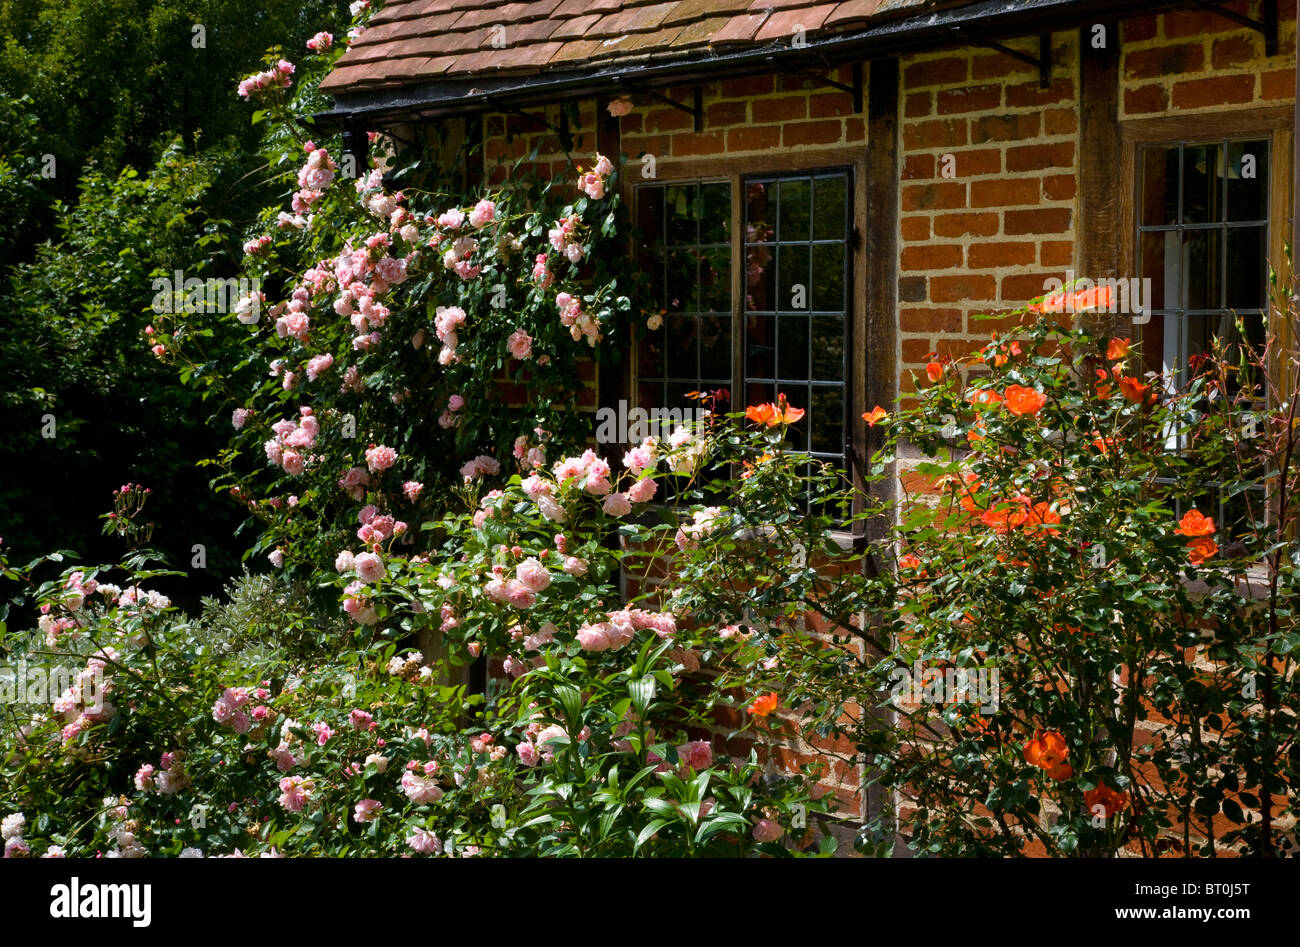 English Country Garden Stock Photos & English Country Garden Stock ...